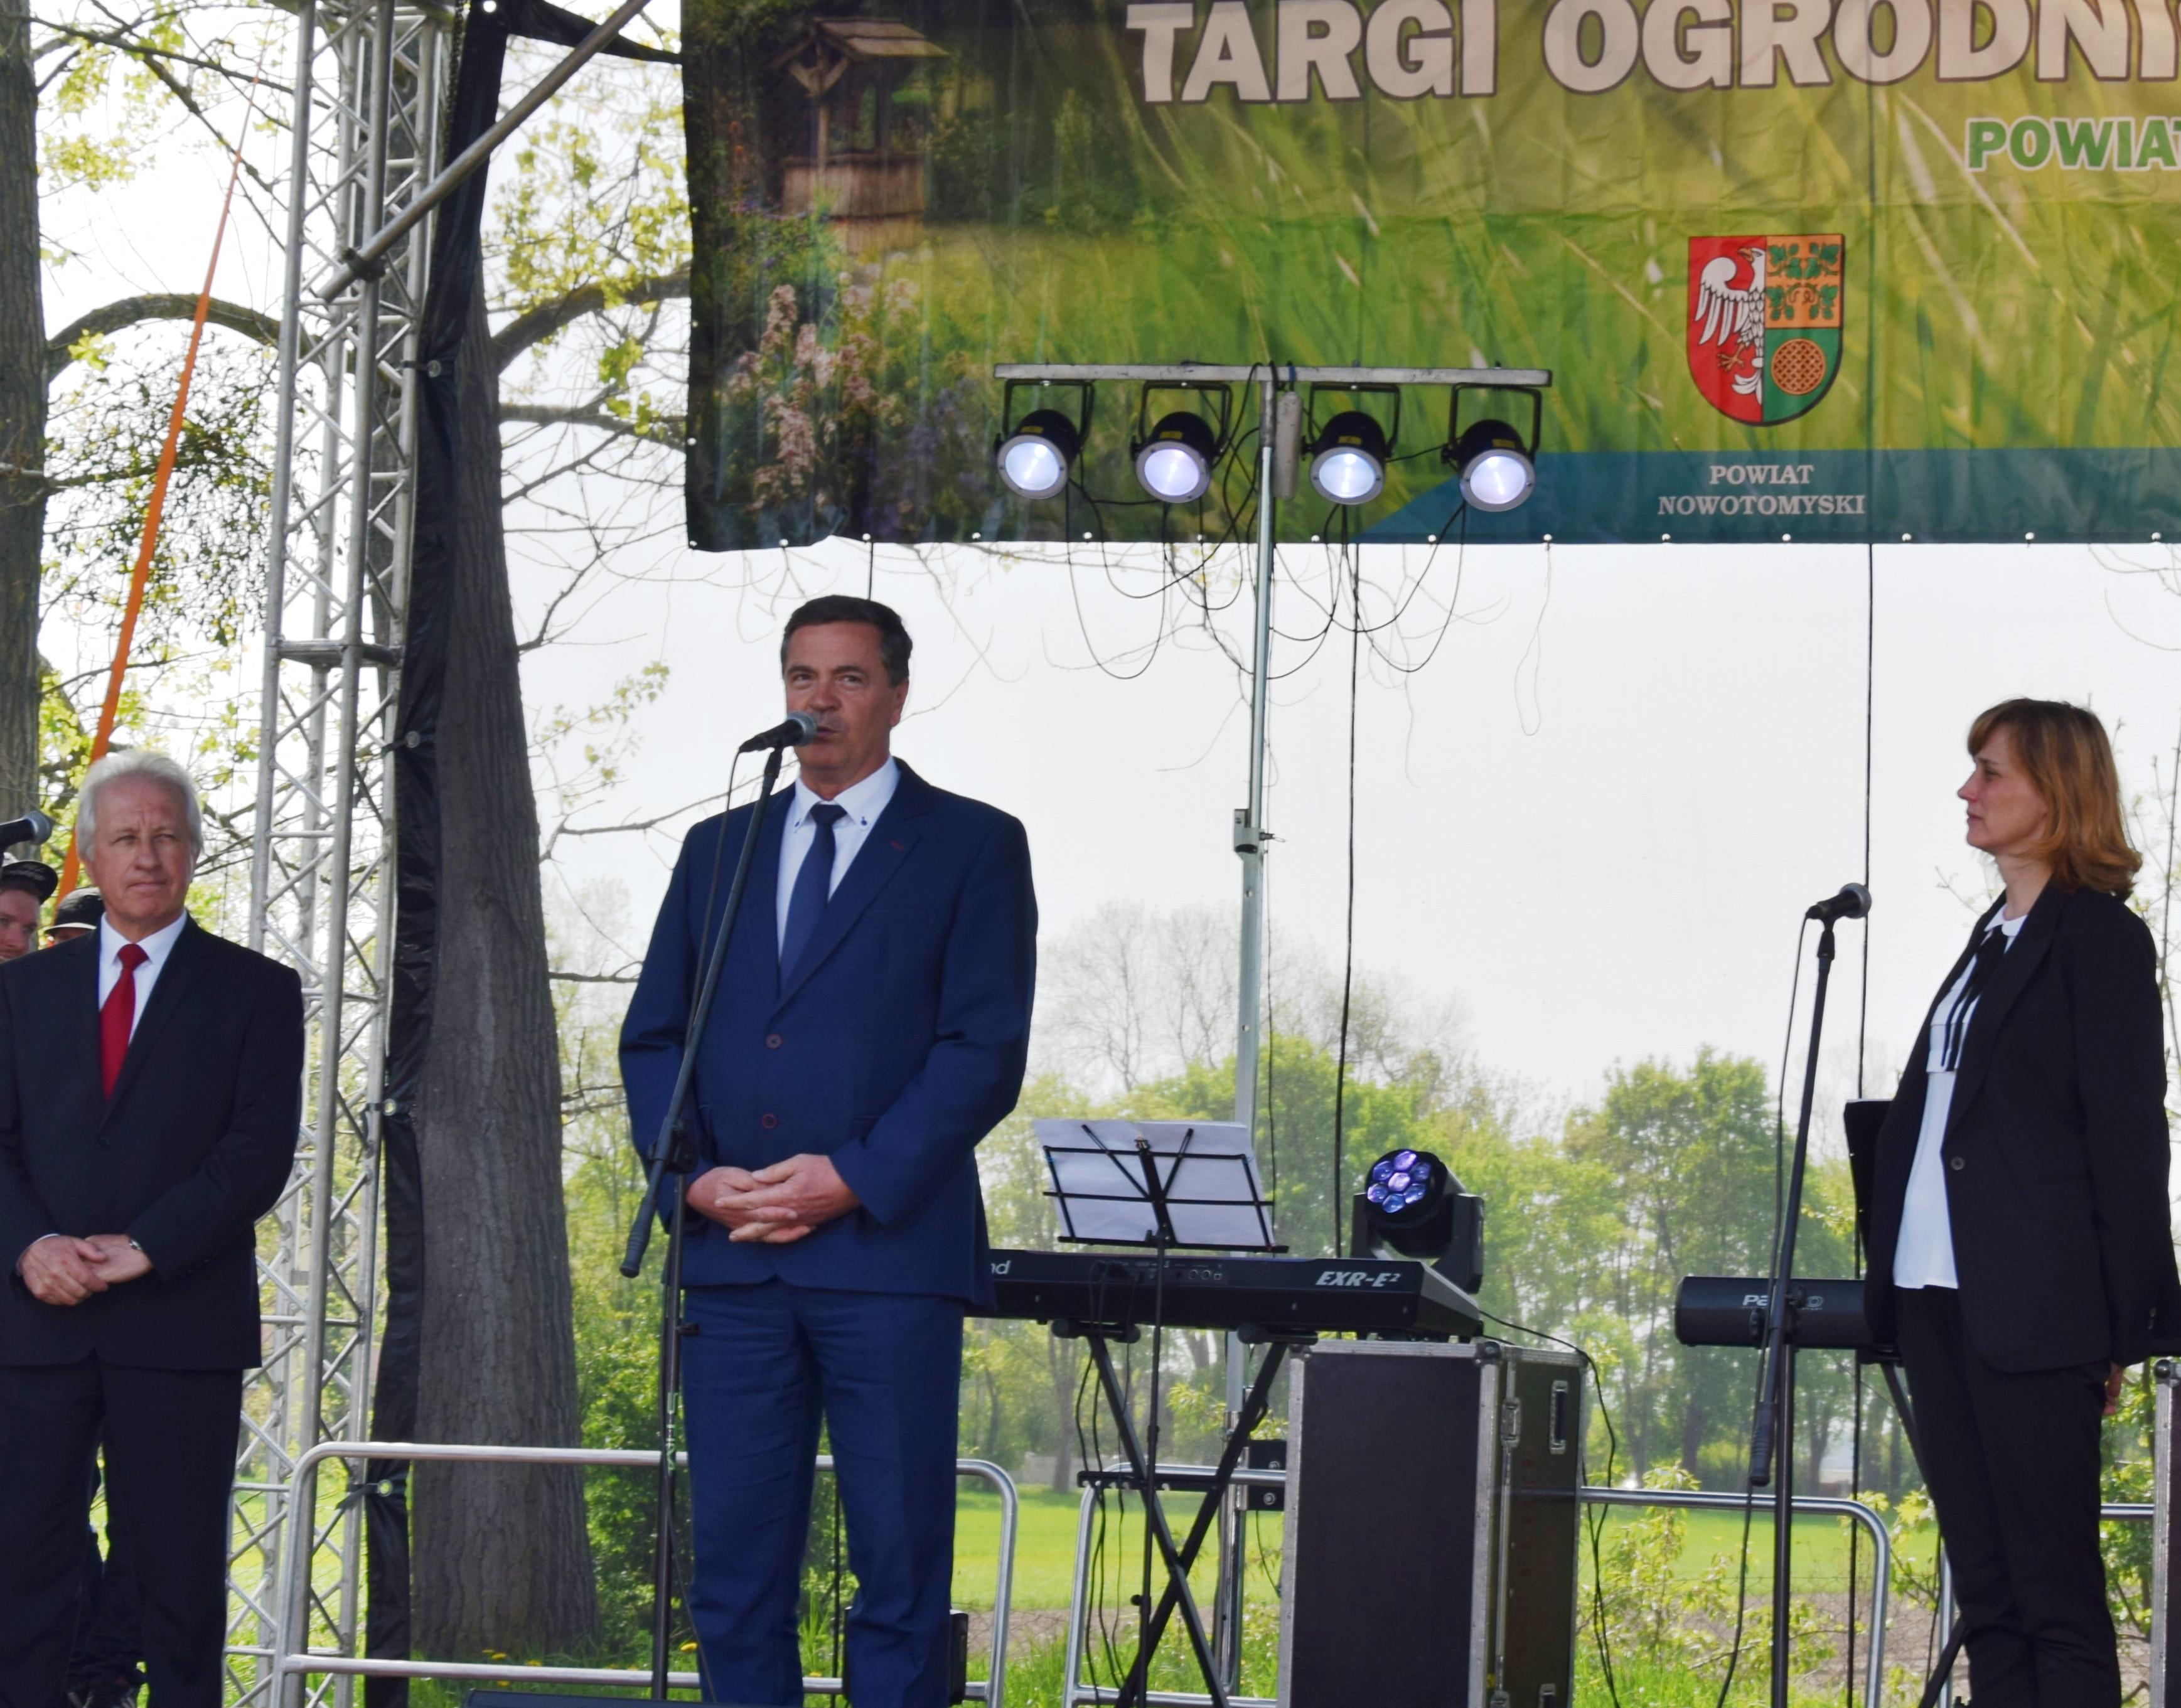 Ilustracja do informacji: XV Targi Ogrodniczo - działkowe Powiatu Nowotomyskiego